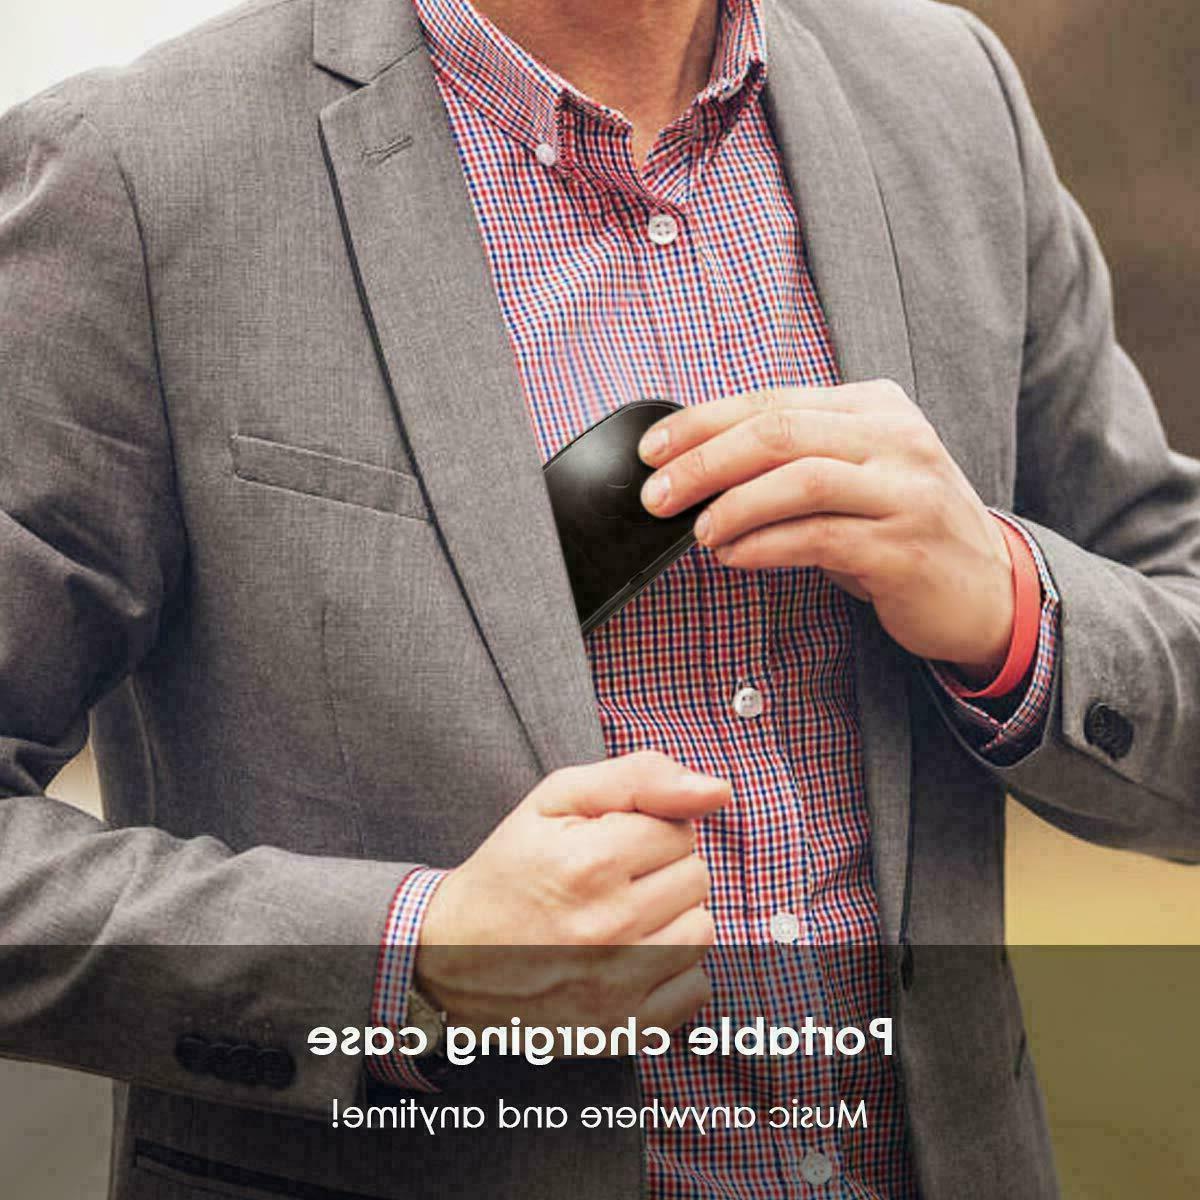 Wireless Earbuds Headphones Sweatproof with & Charging